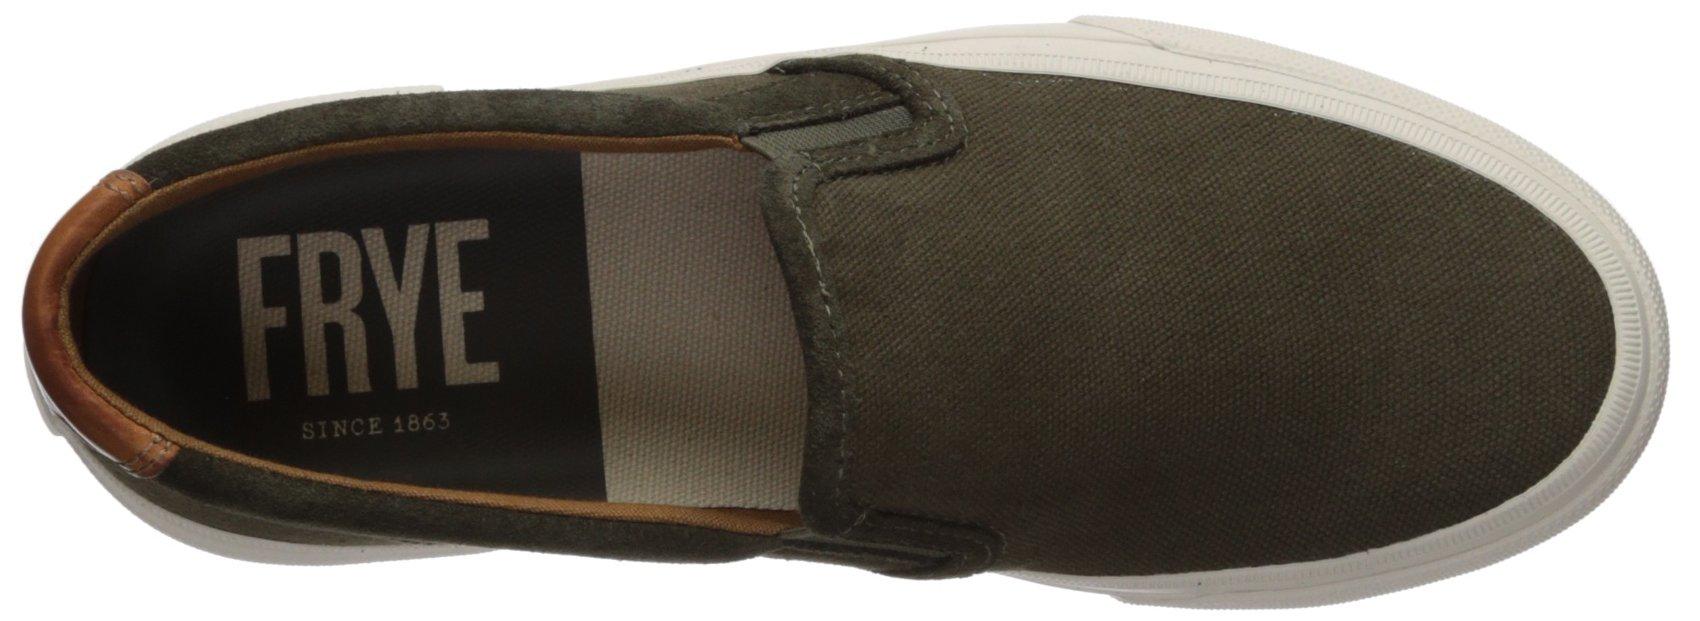 FRYE Men's Ludlow Slip ON Tennis Shoe Olive 9 M by FRYE (Image #7)